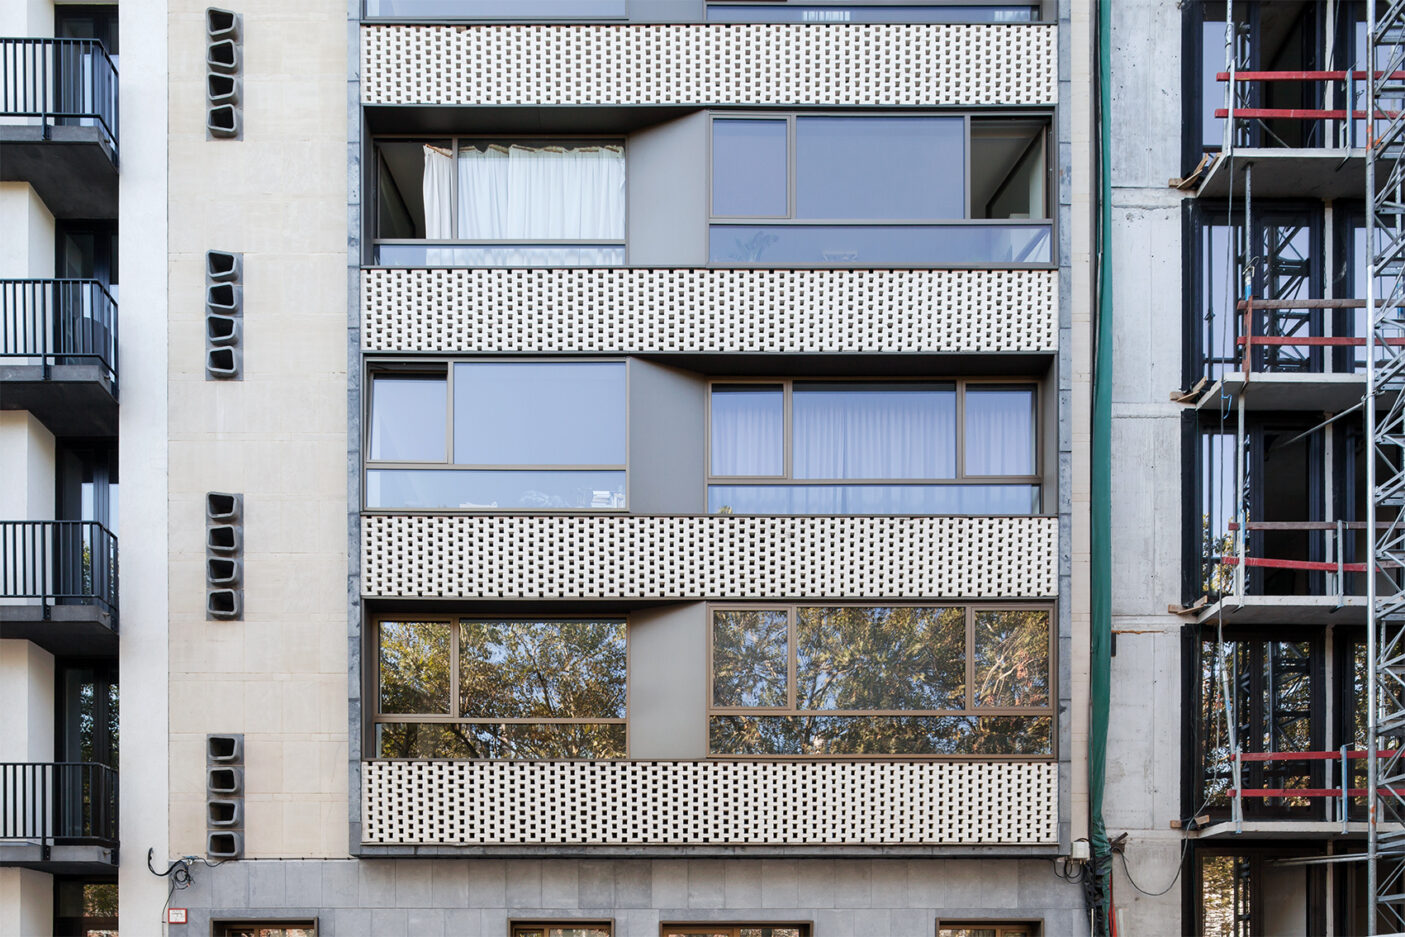 LOW-architecten-Britselei-ANTWERPEN-004web.jpg